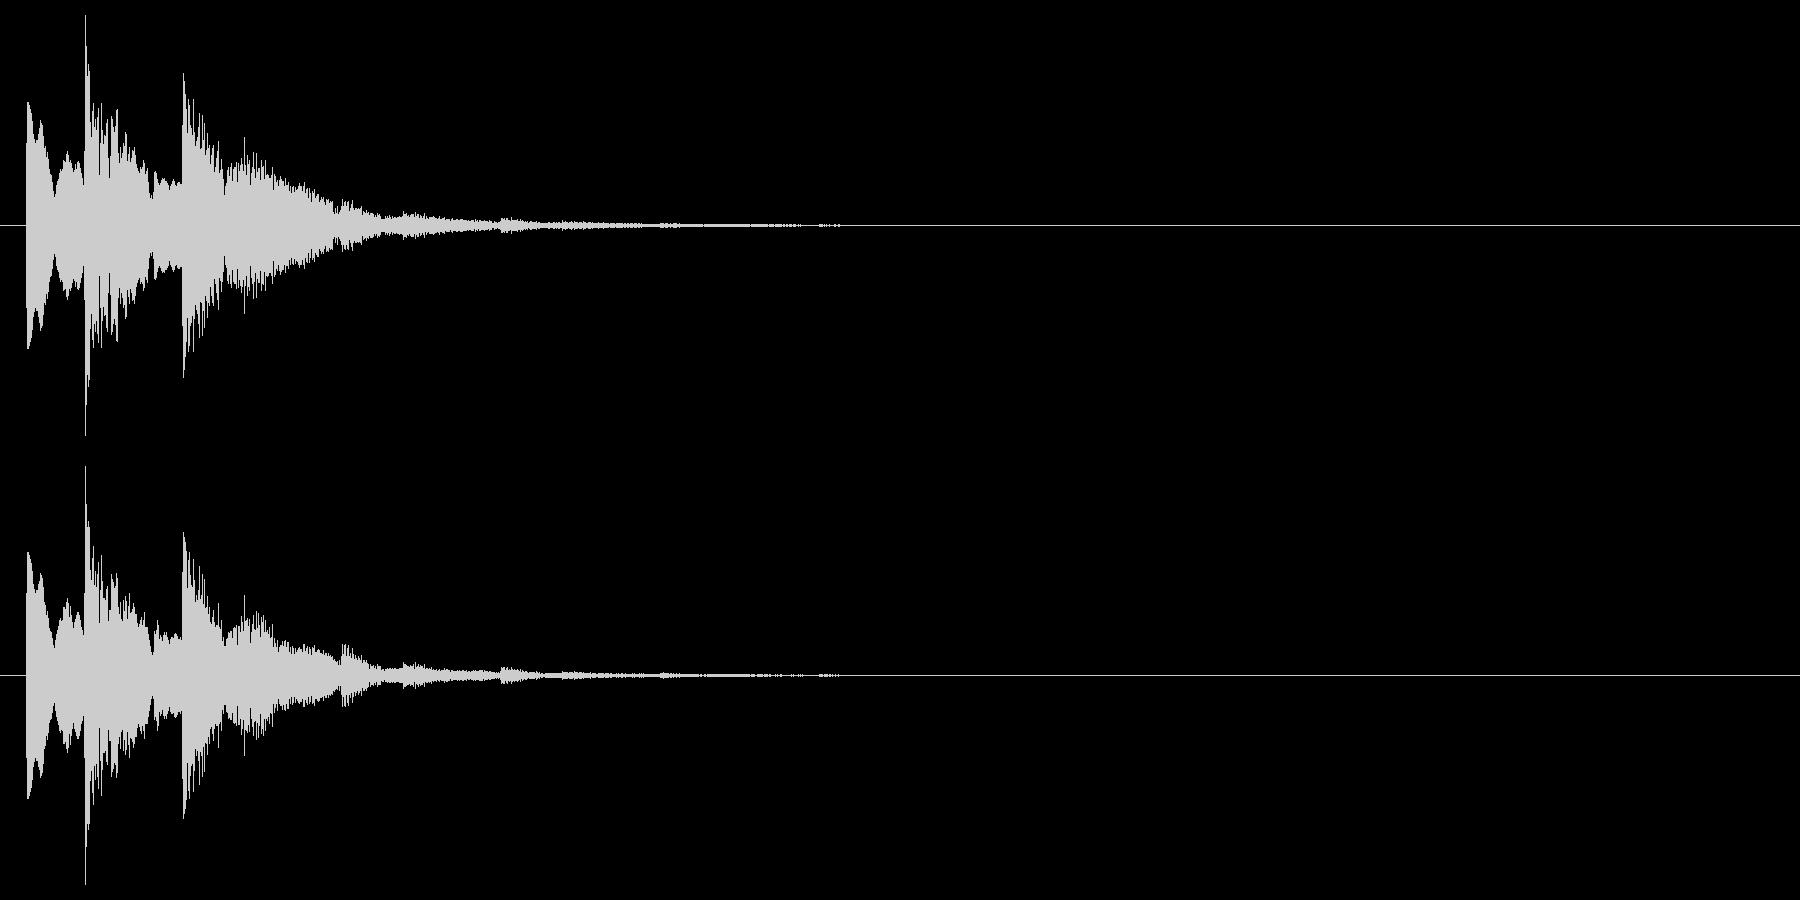 シンプルな下降系決定音_2(タララン↓)の未再生の波形